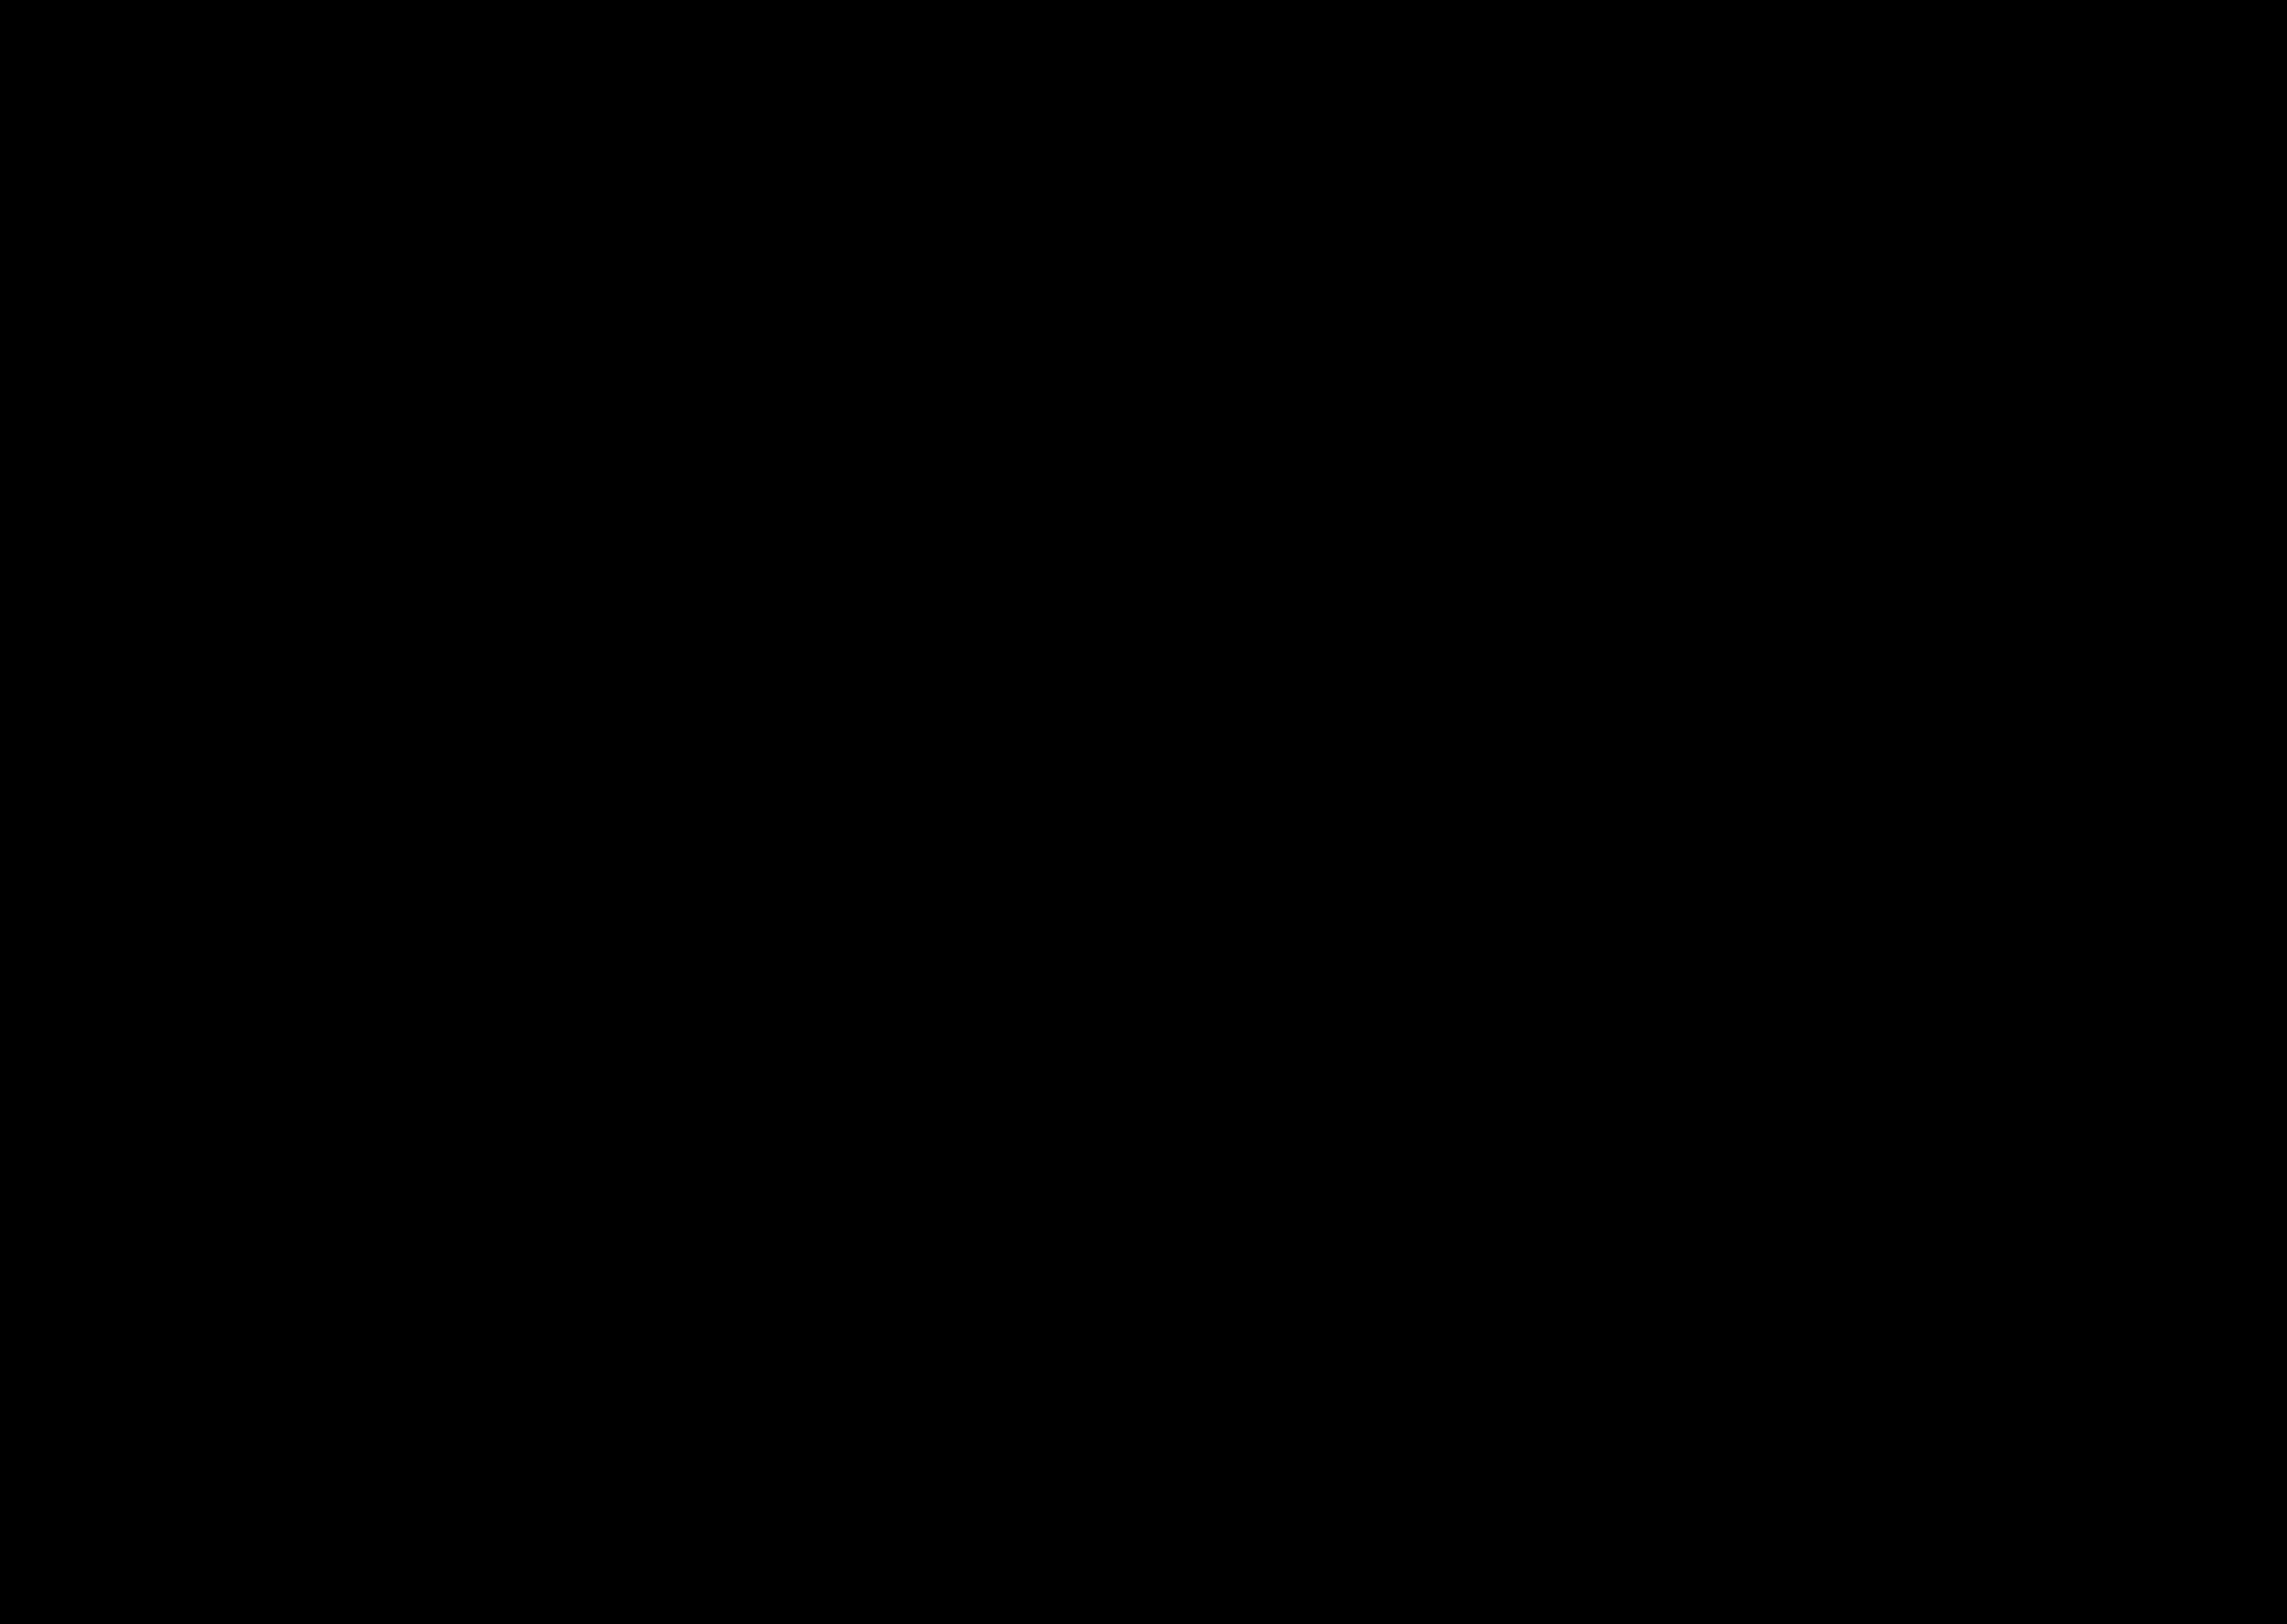 V177 Mercedes-Benz A-Class Sedan finally unveiled Image #842897